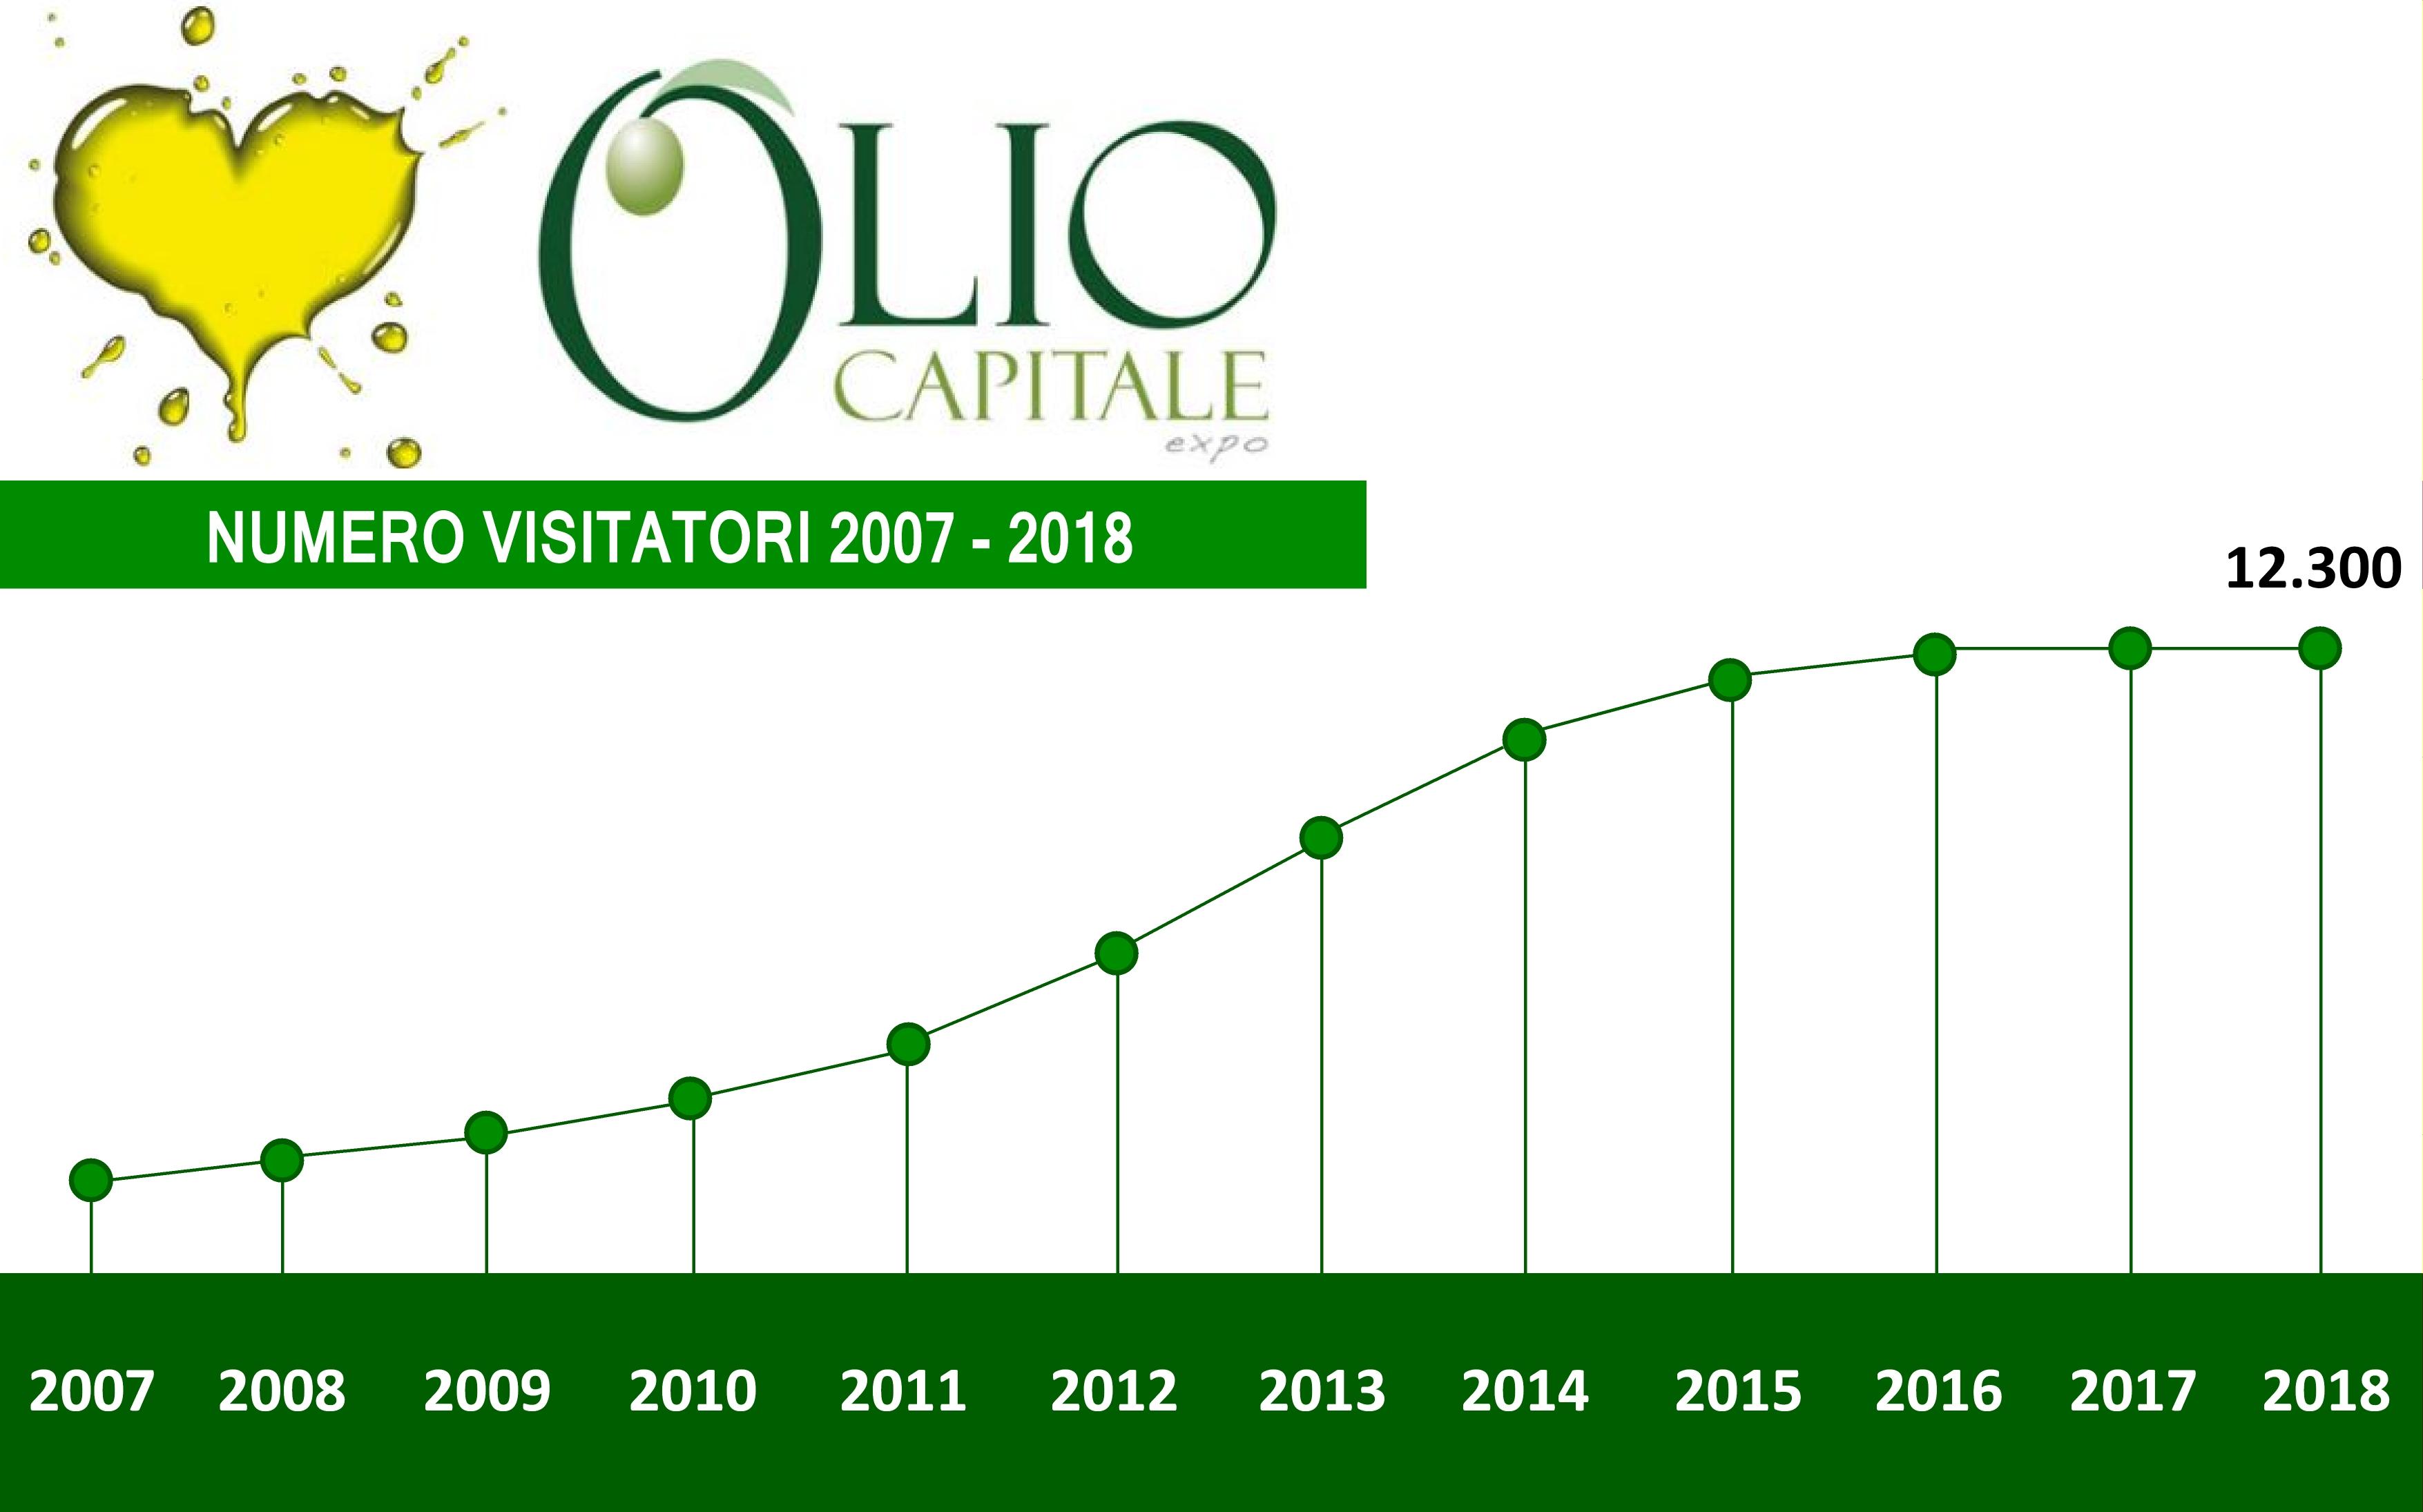 Olio Capitale crescita visitatori